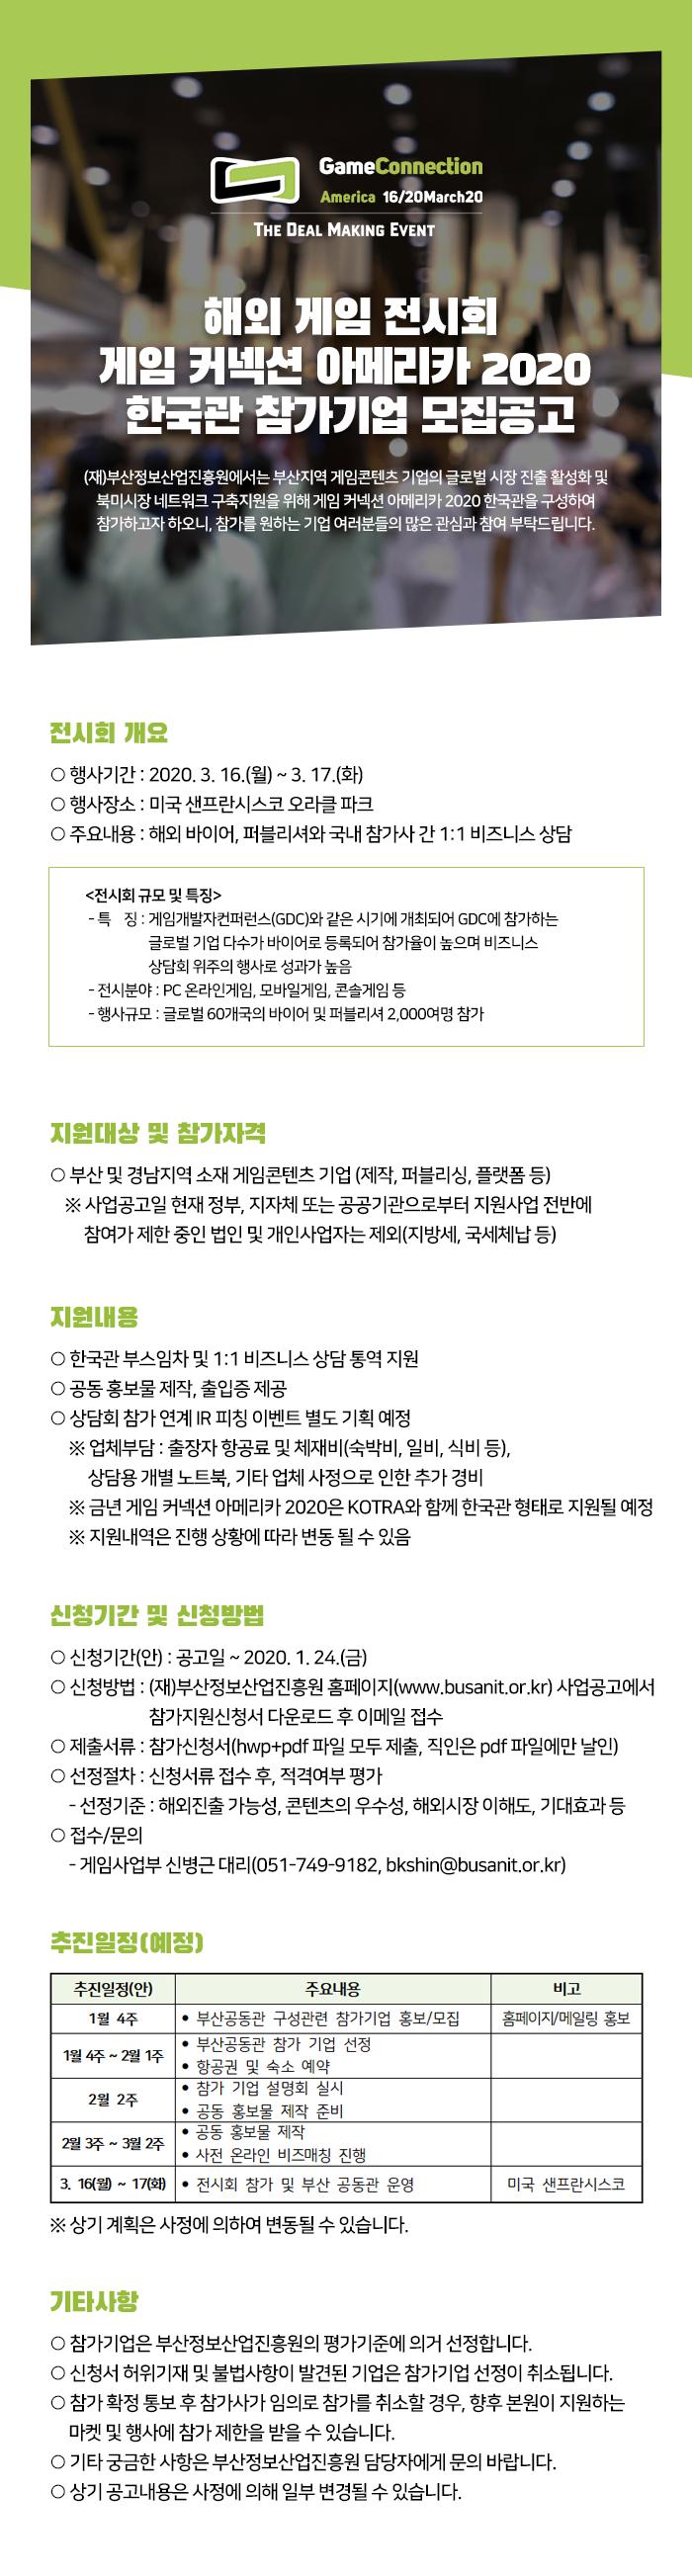 해외 게임 전시회 게임 커넥션 아메리카 2020  한국관 참가기업 모집공고